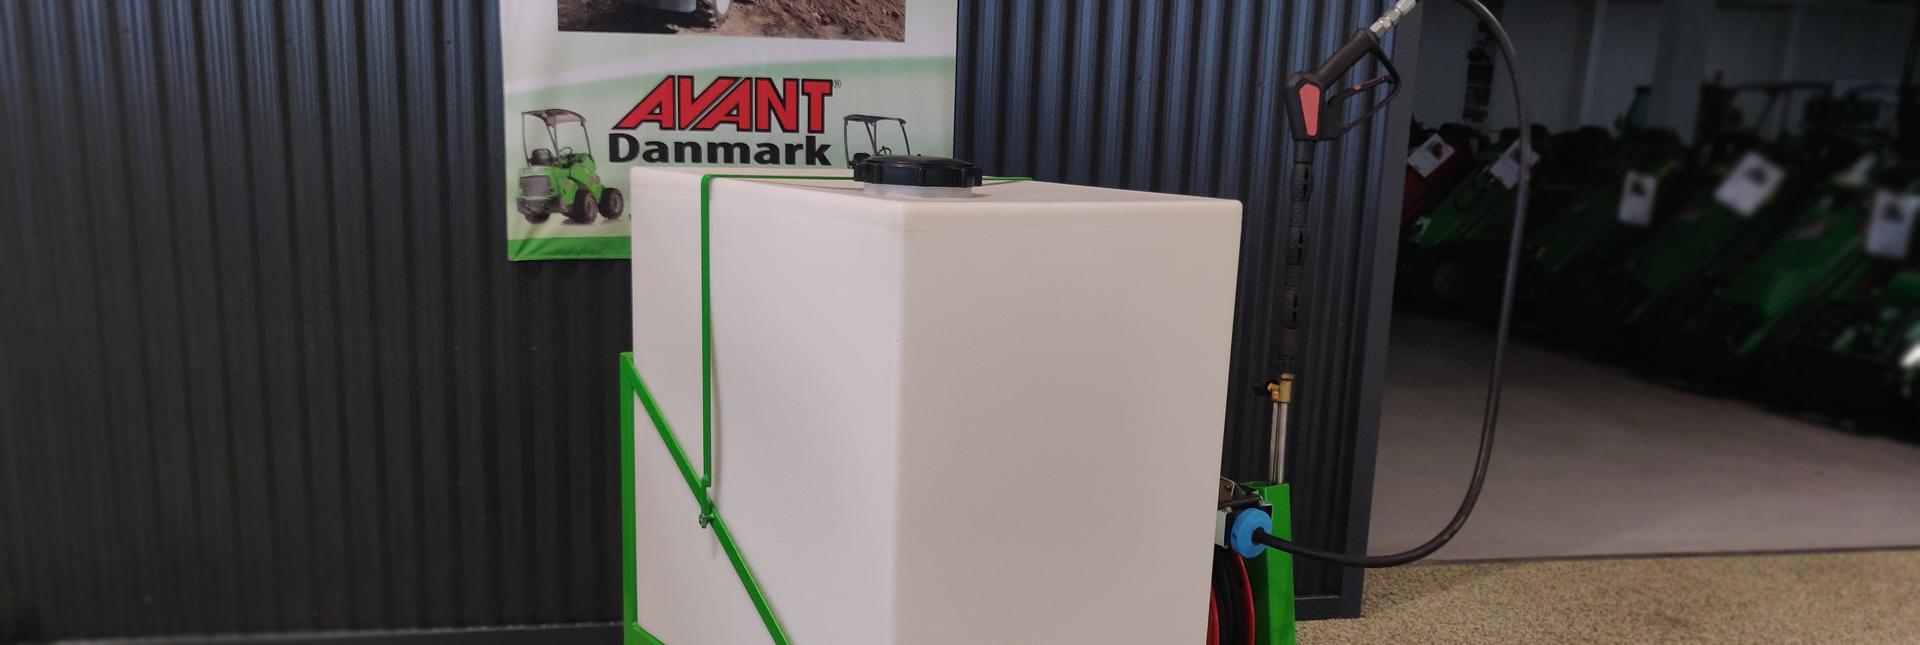 Arbejdsbillede af danskproduceret højtryksrenser redskab til avant minilæsser på en minkfarm